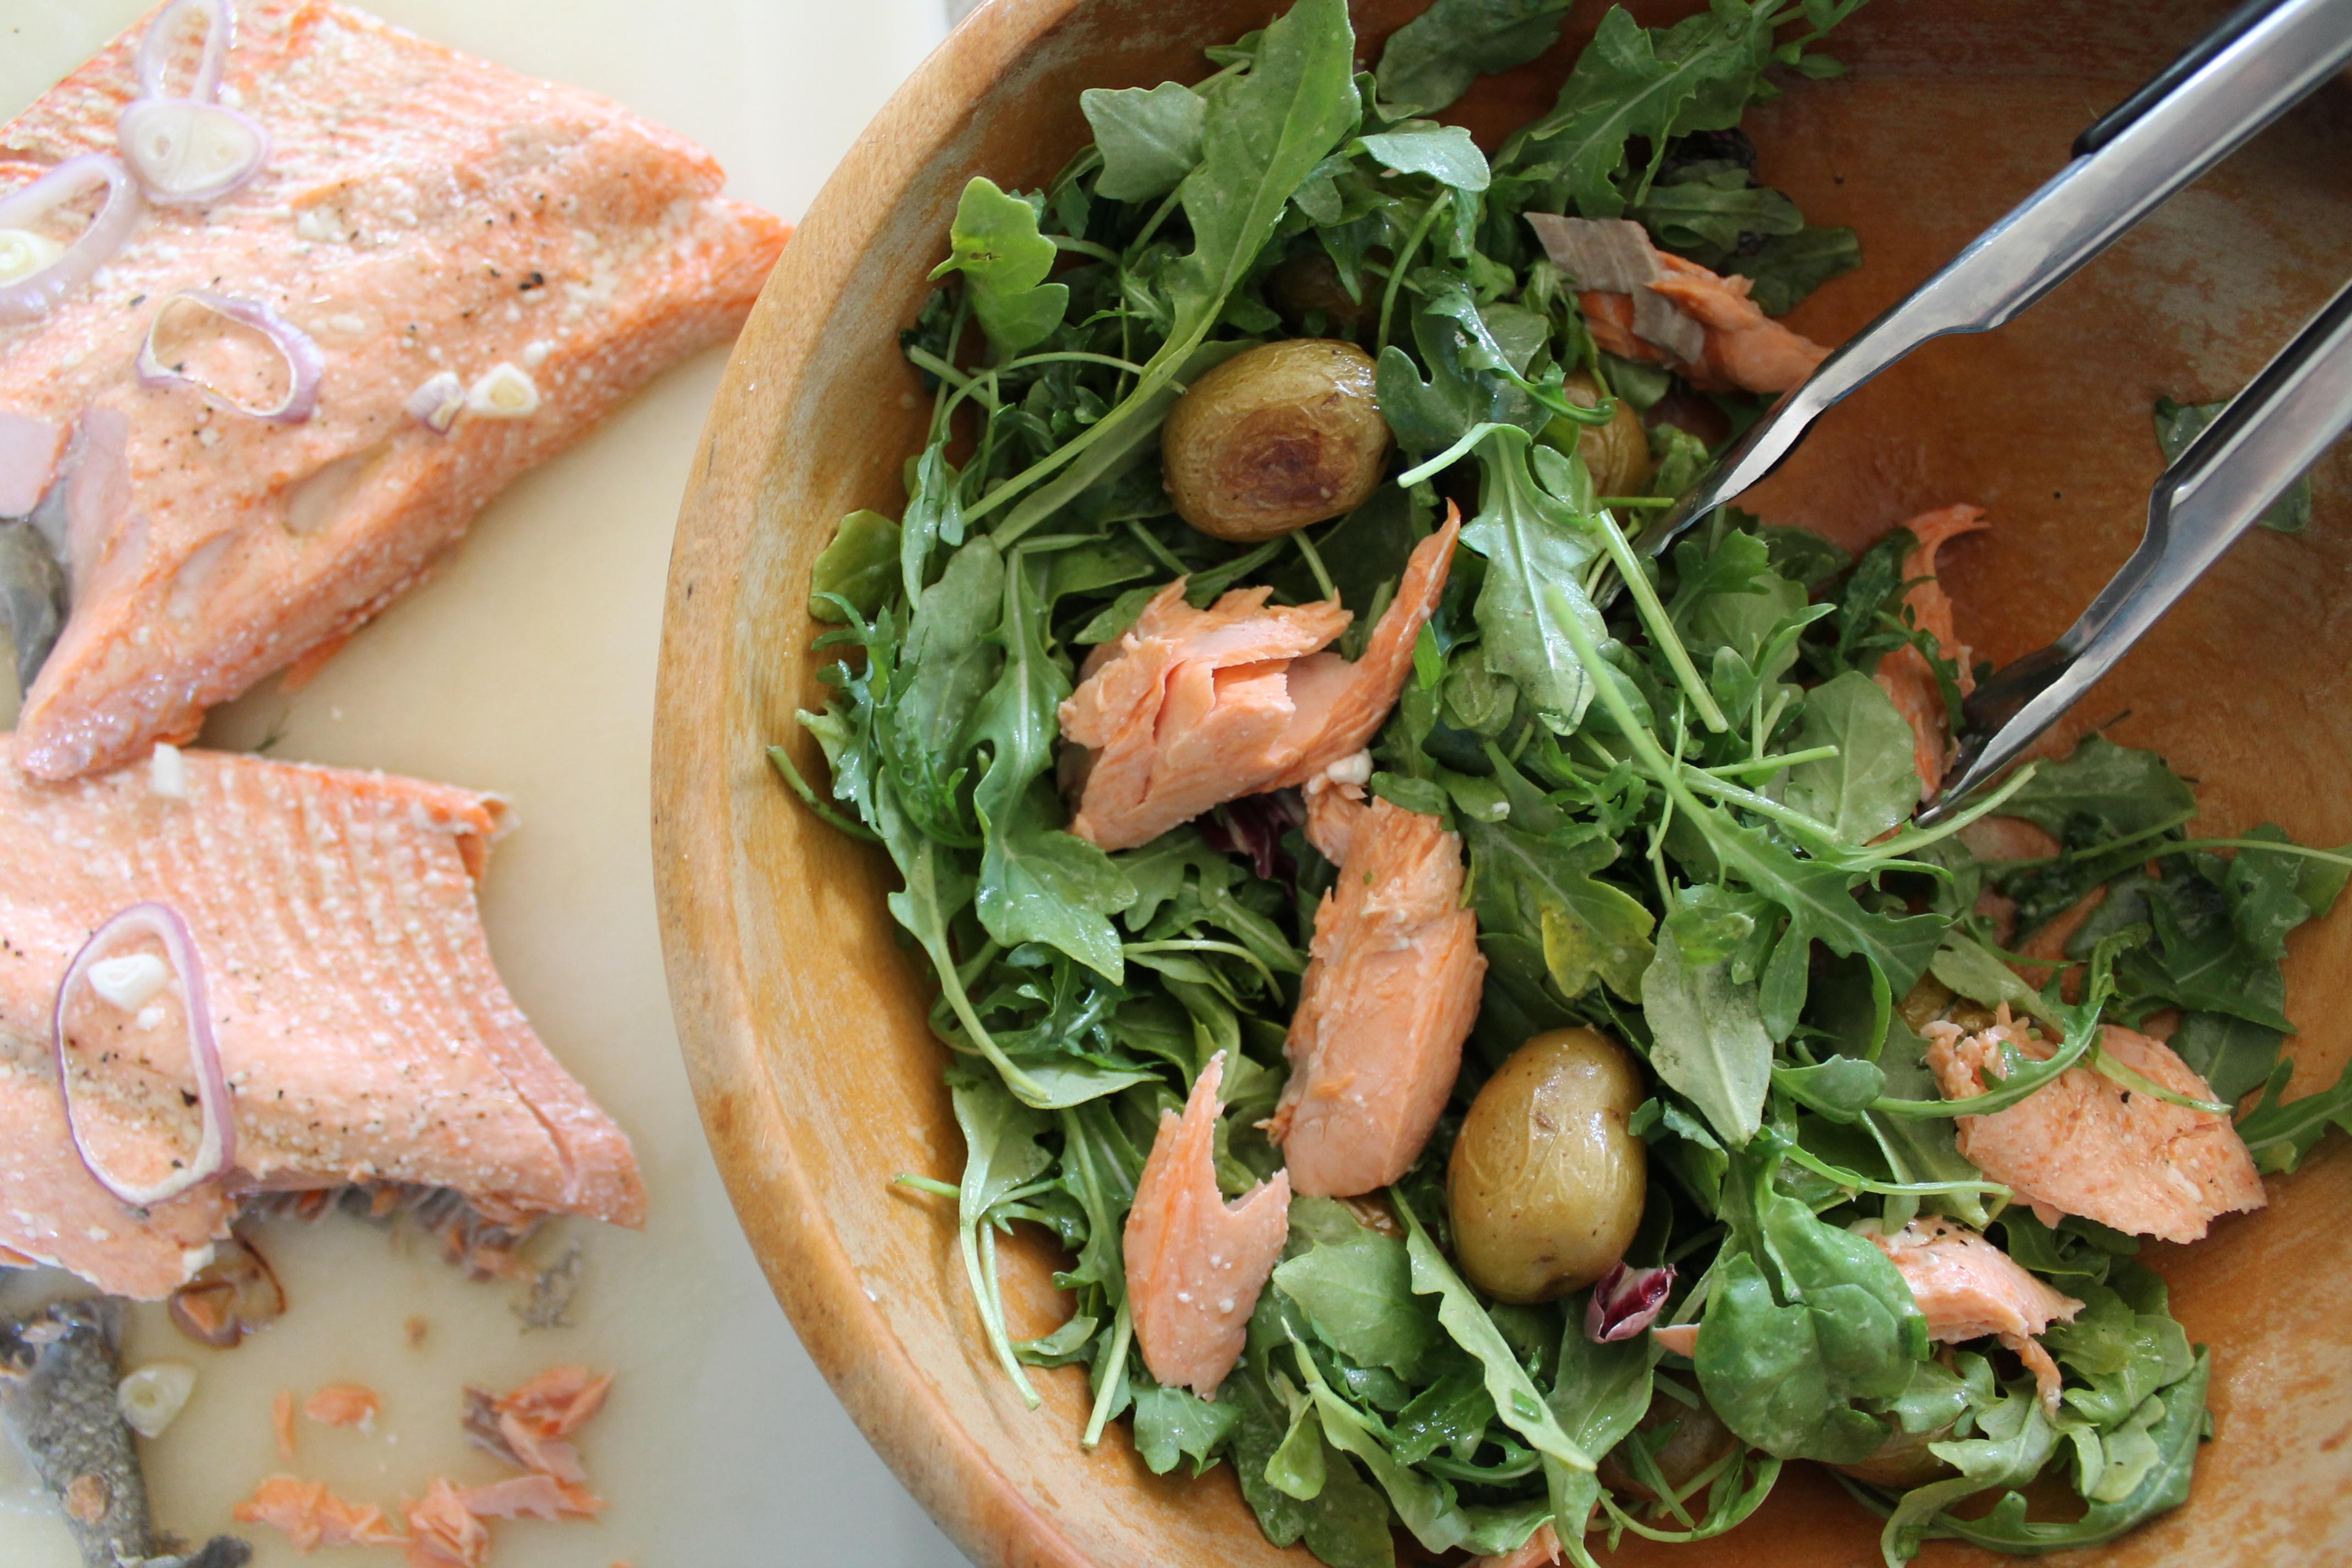 Salad Comes Together